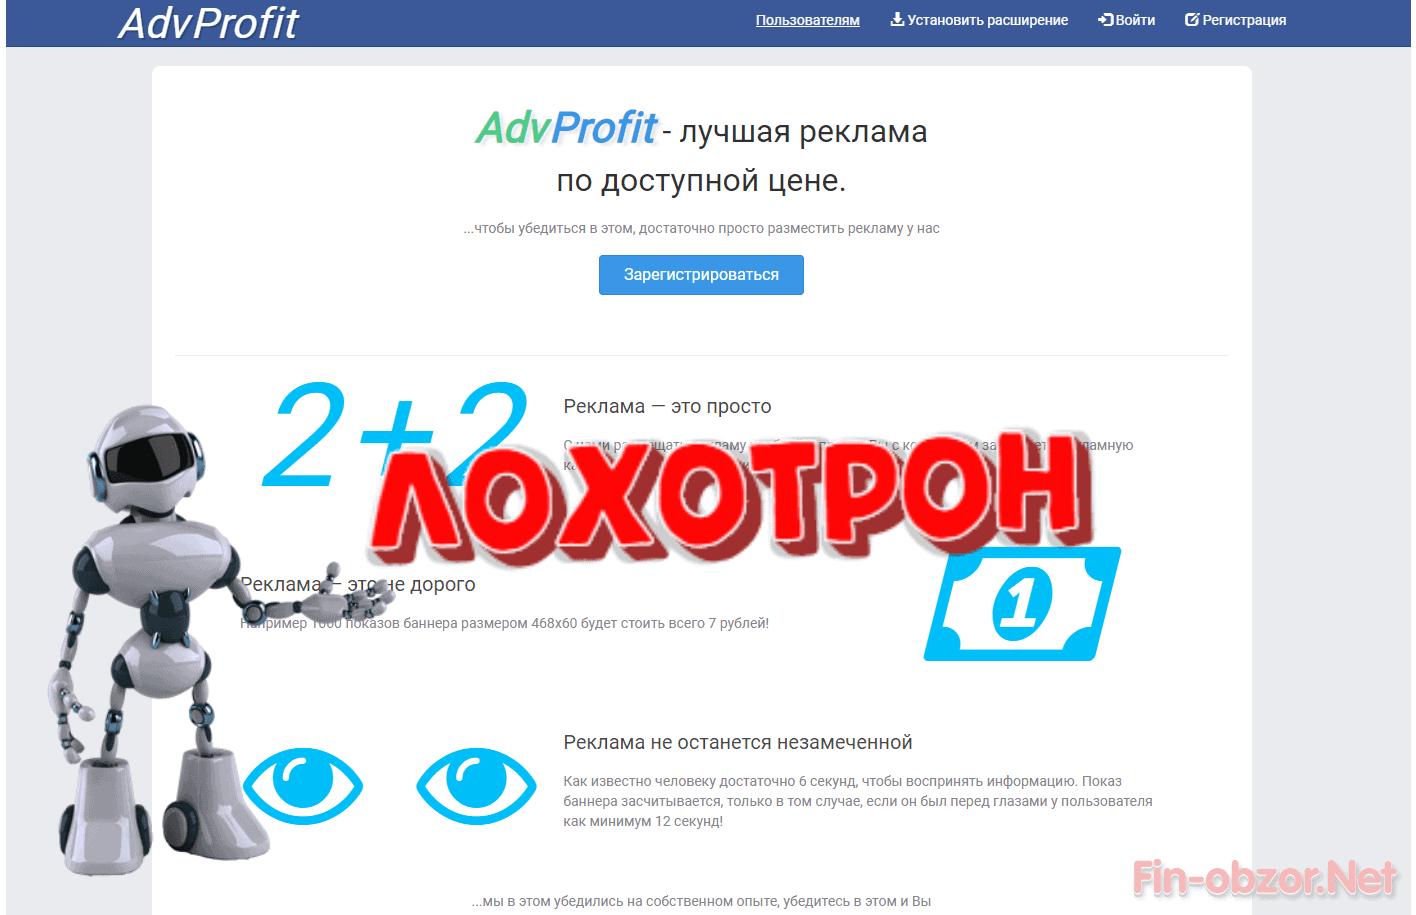 Расширение AdvProfit – отзывы. Сколько можно заработать